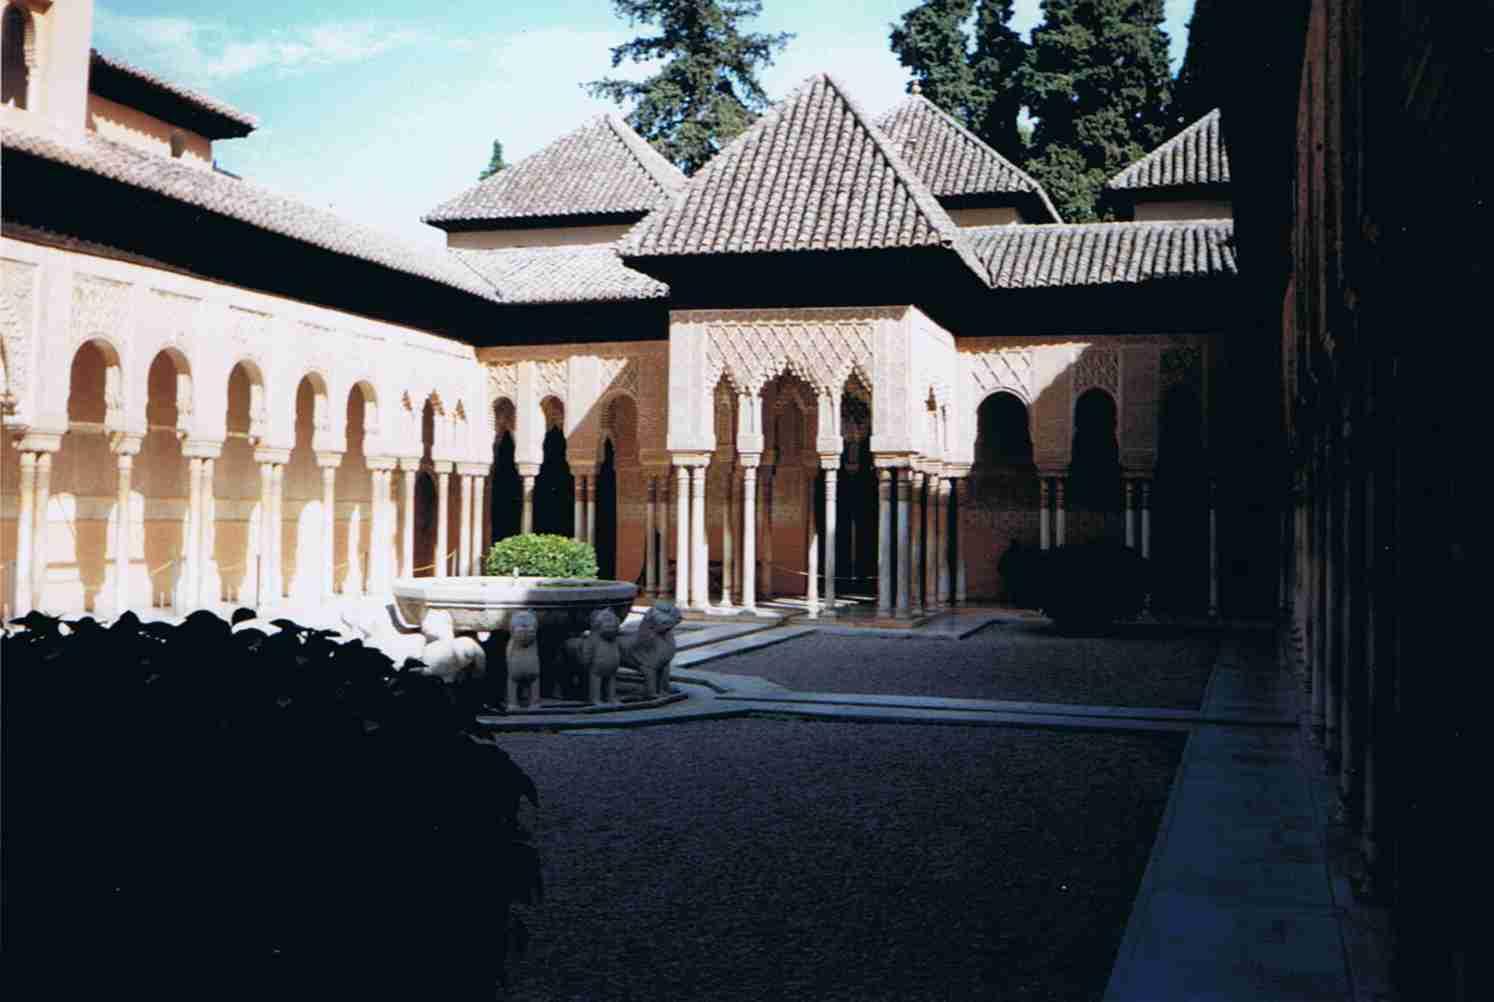 Löwenpalast, Palacio de los Leones